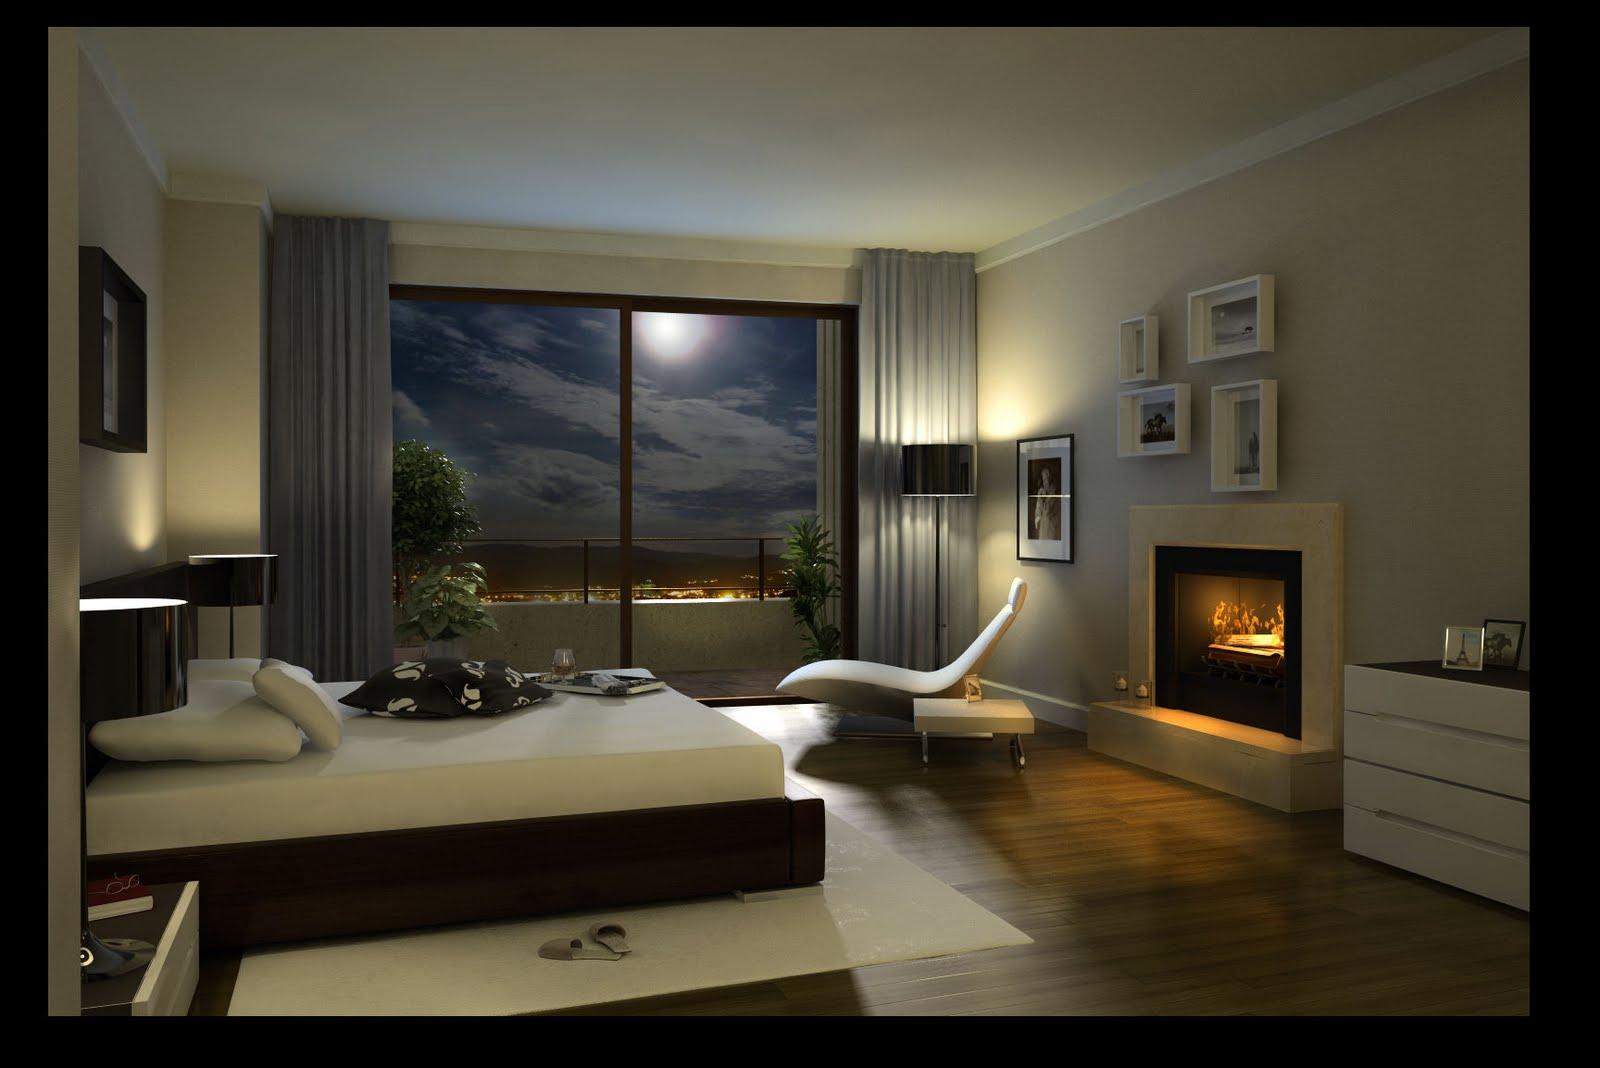 decoracion de dormitorio iluminacion